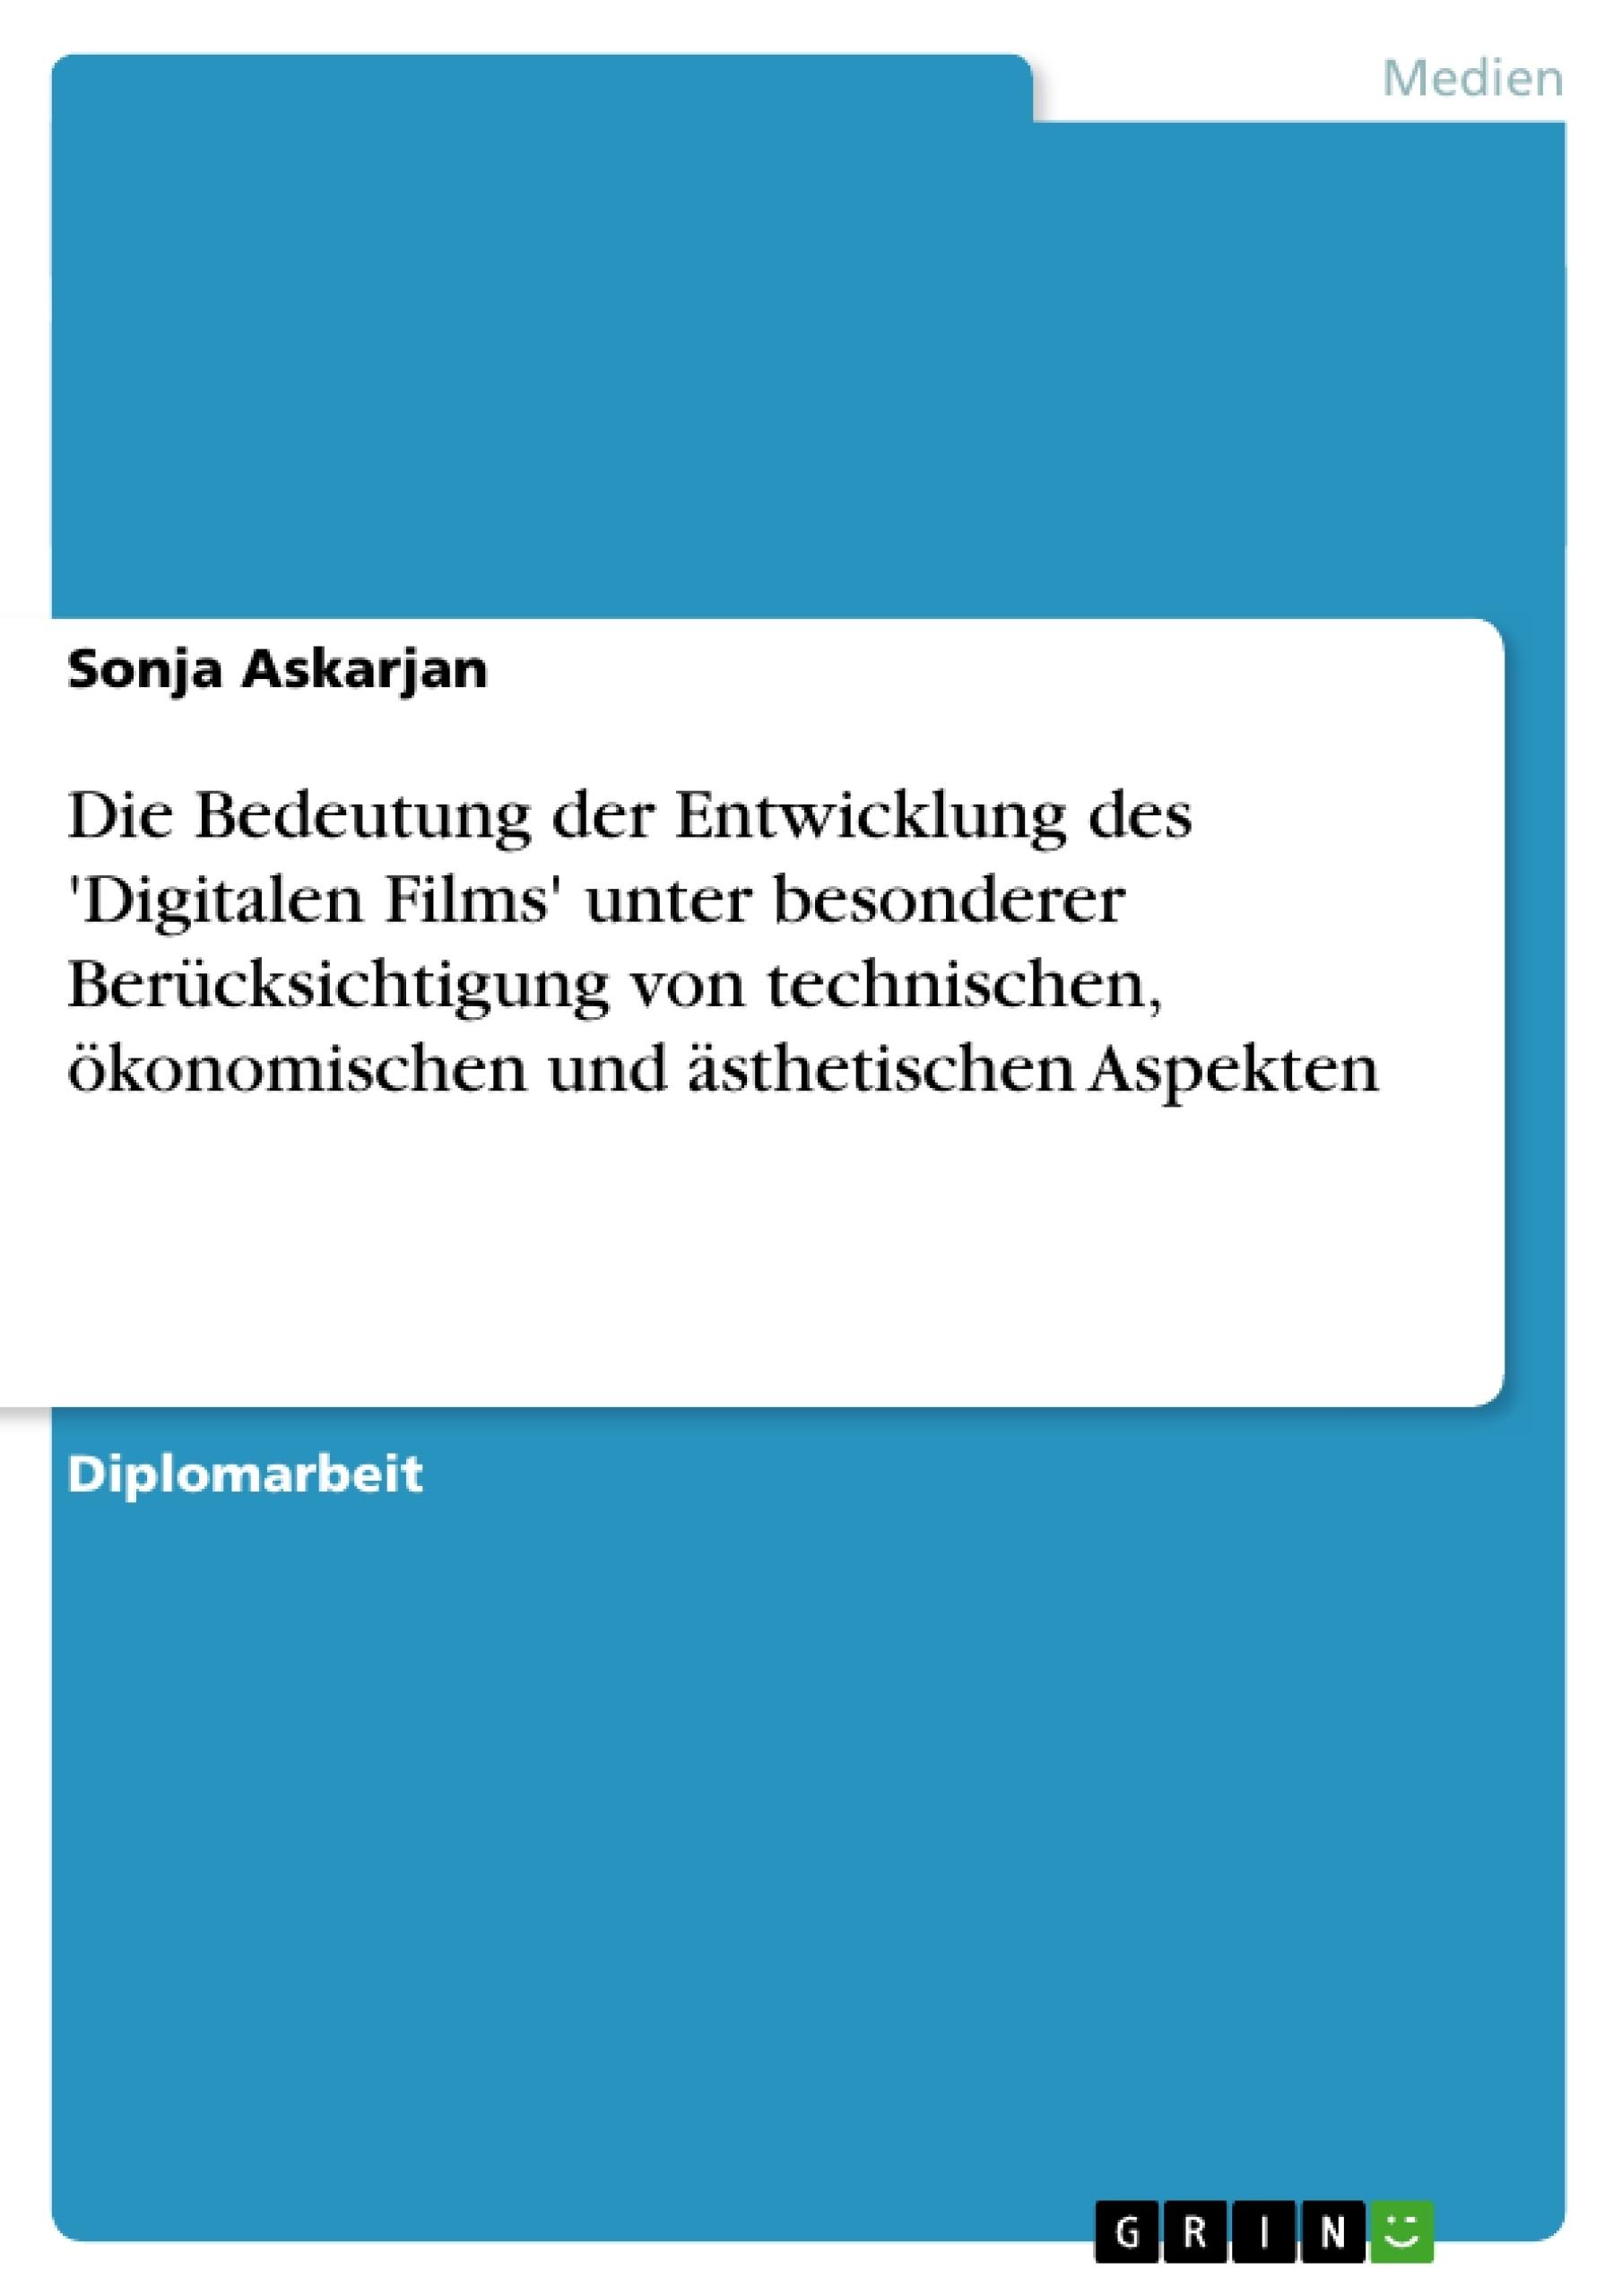 Titel: Die Bedeutung der Entwicklung des 'Digitalen Films' unter besonderer Berücksichtigung von technischen, ökonomischen und ästhetischen Aspekten